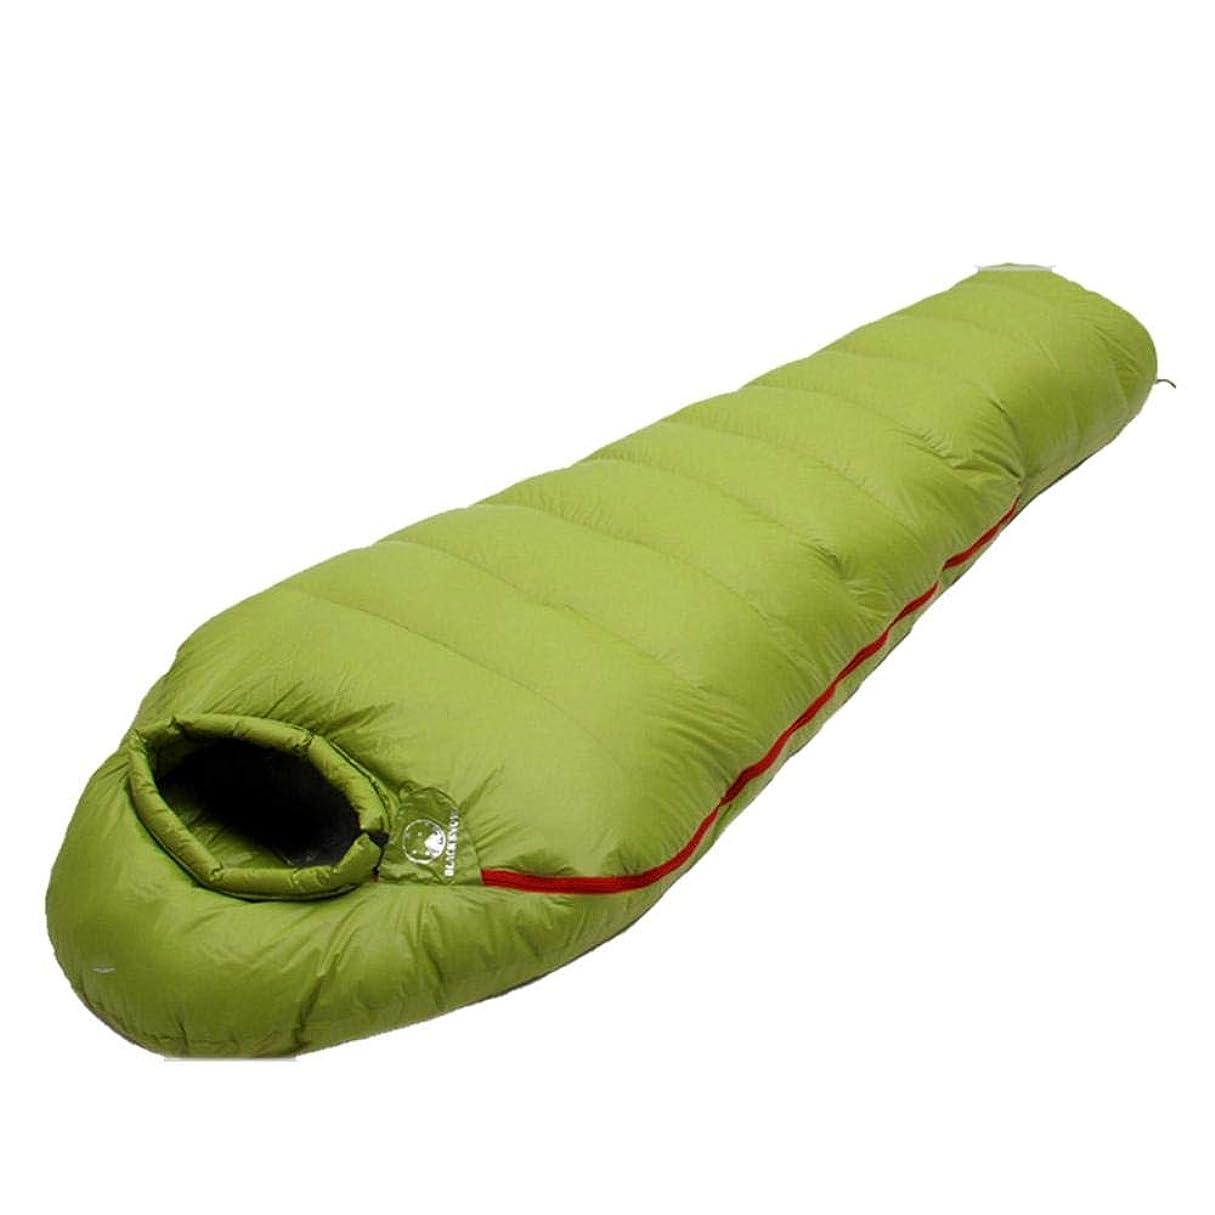 傷つきやすいメッシュバイアス寝袋 FGGHS ホワイトグースダウン入りミイラスタイル寝袋 厚キャンピングトラベル850gグリーン